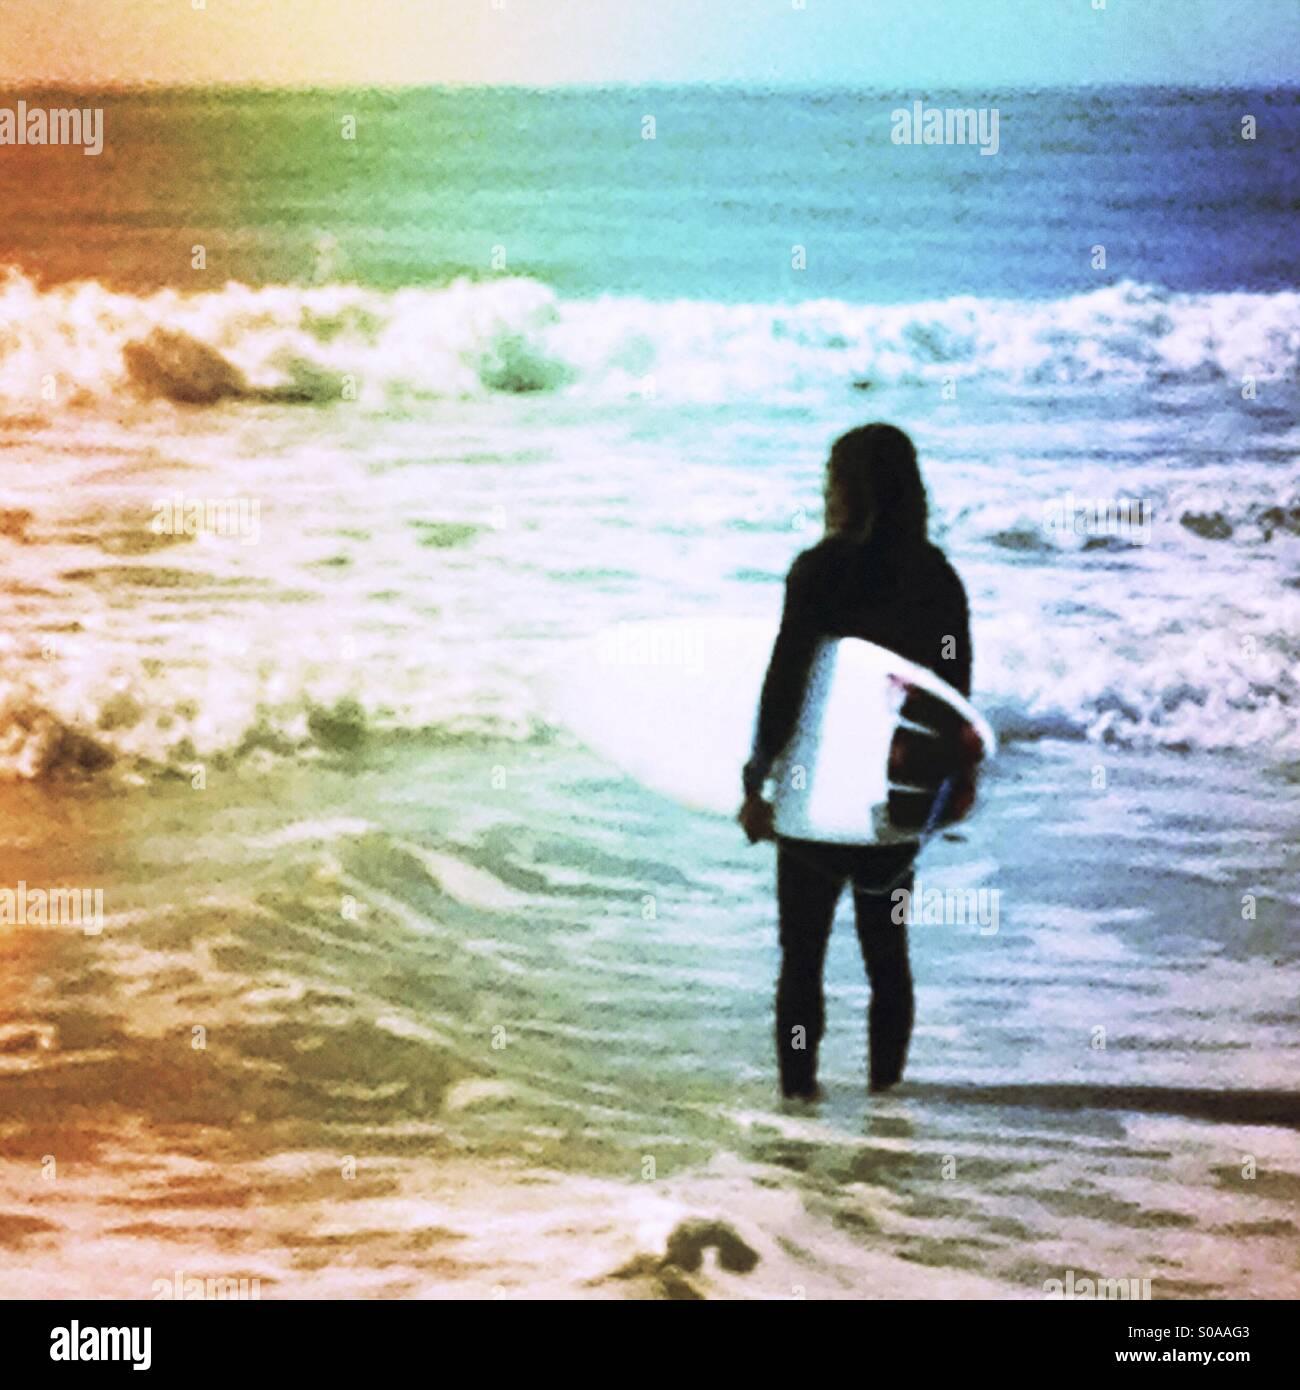 Surfer en voyant l'océan et les vagues pour faire du surf. Photo Stock